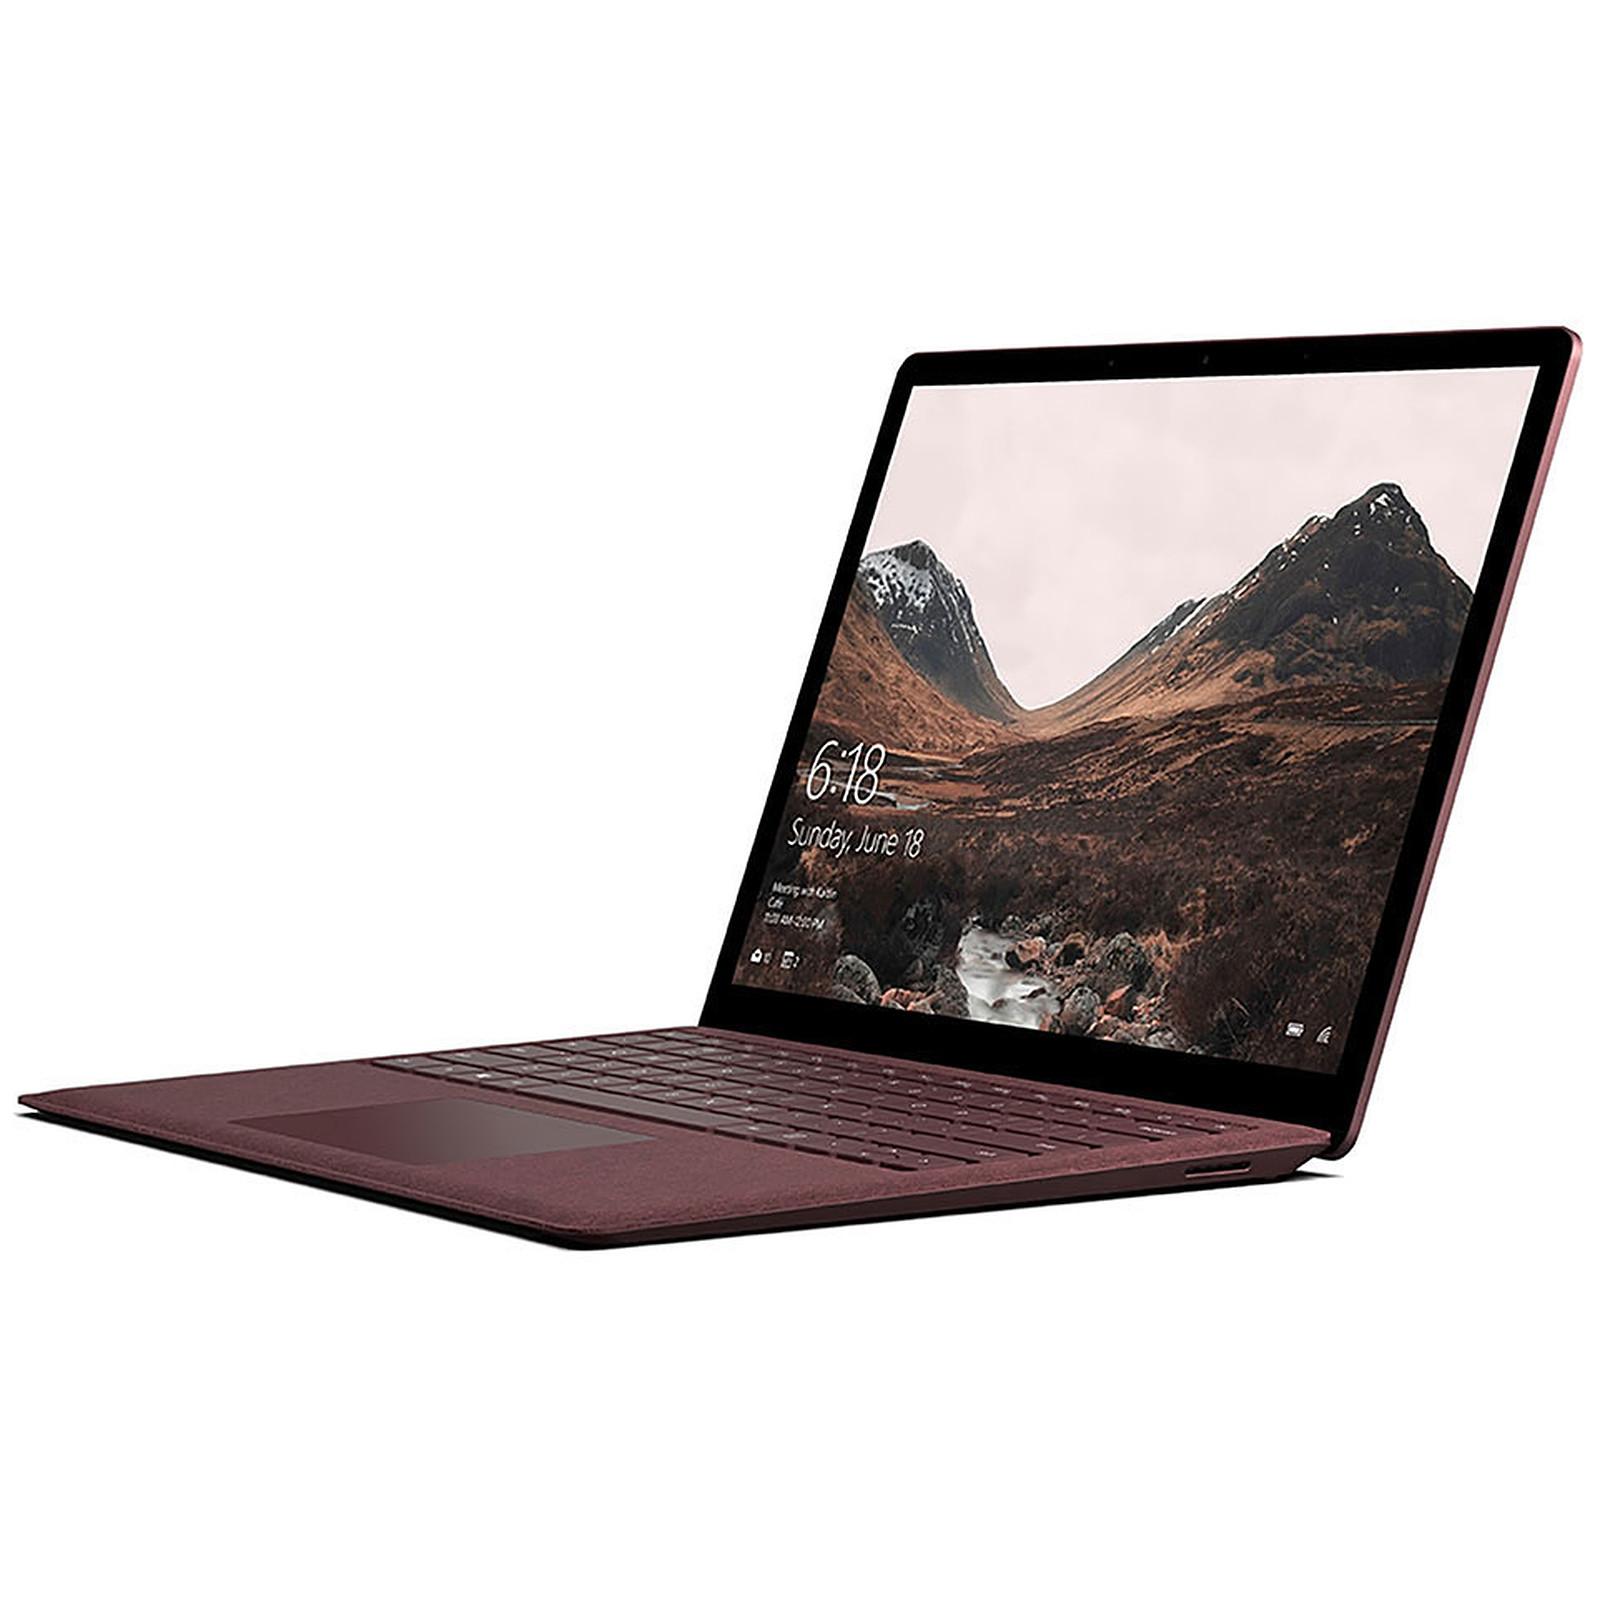 Microsoft Surface Laptop - Intel Core i7 - 8 Go - SSD 256 Go - Bordeaux - Windows 10 Pro · Reconditionné